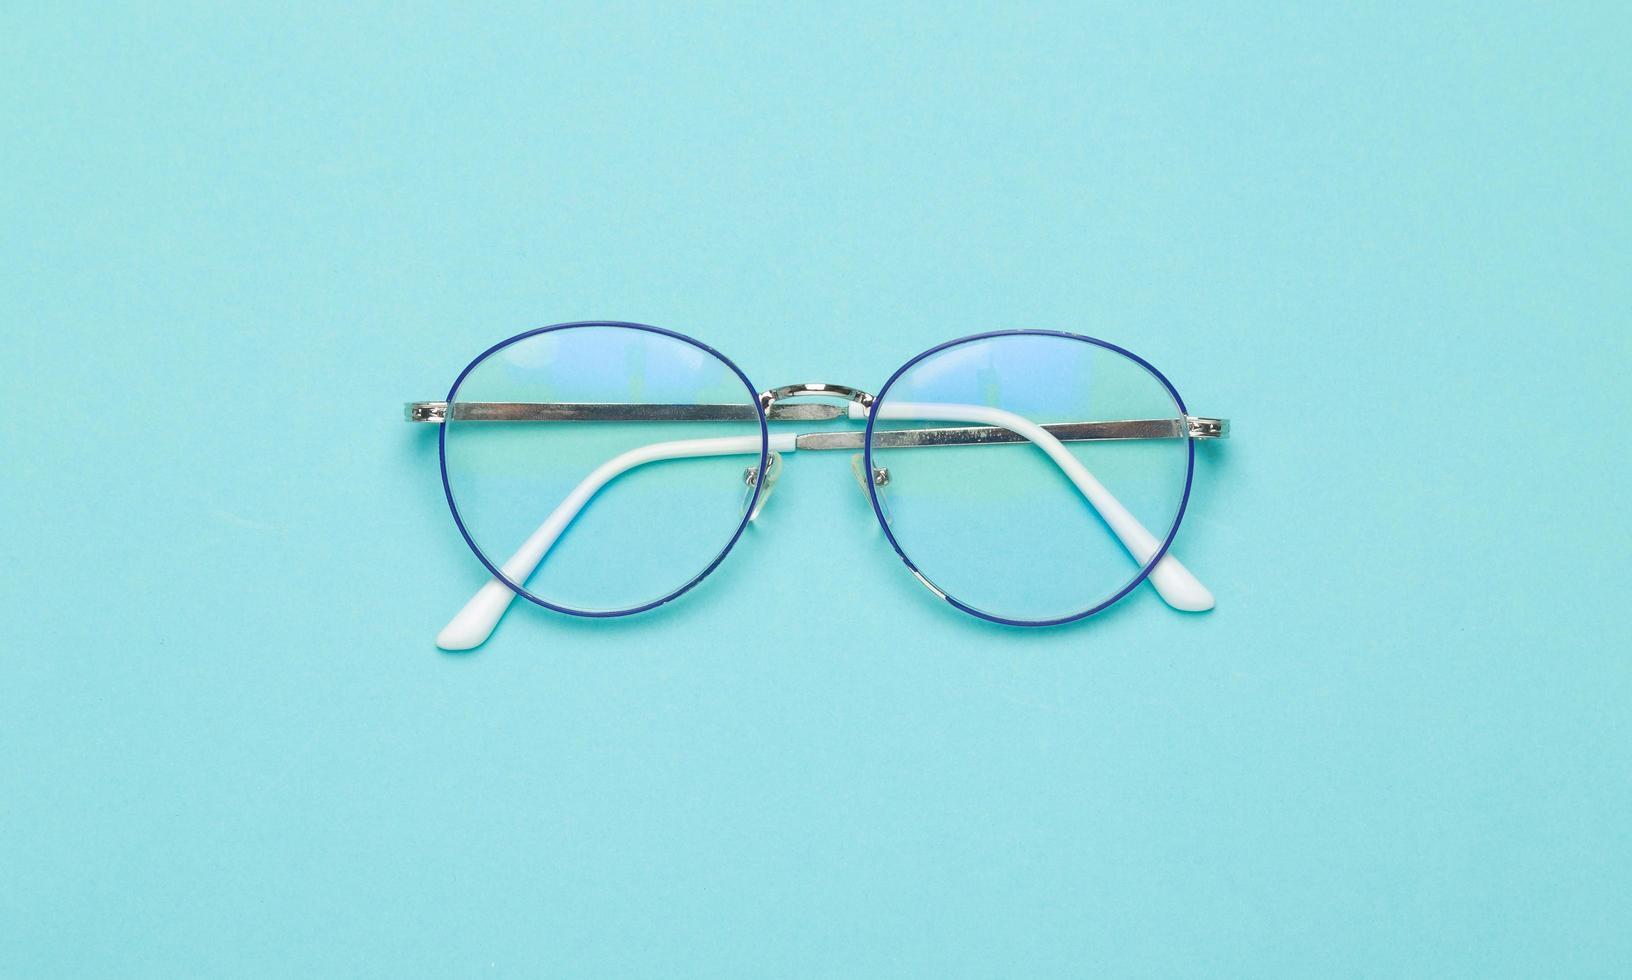 occhiali su sfondo blu foto